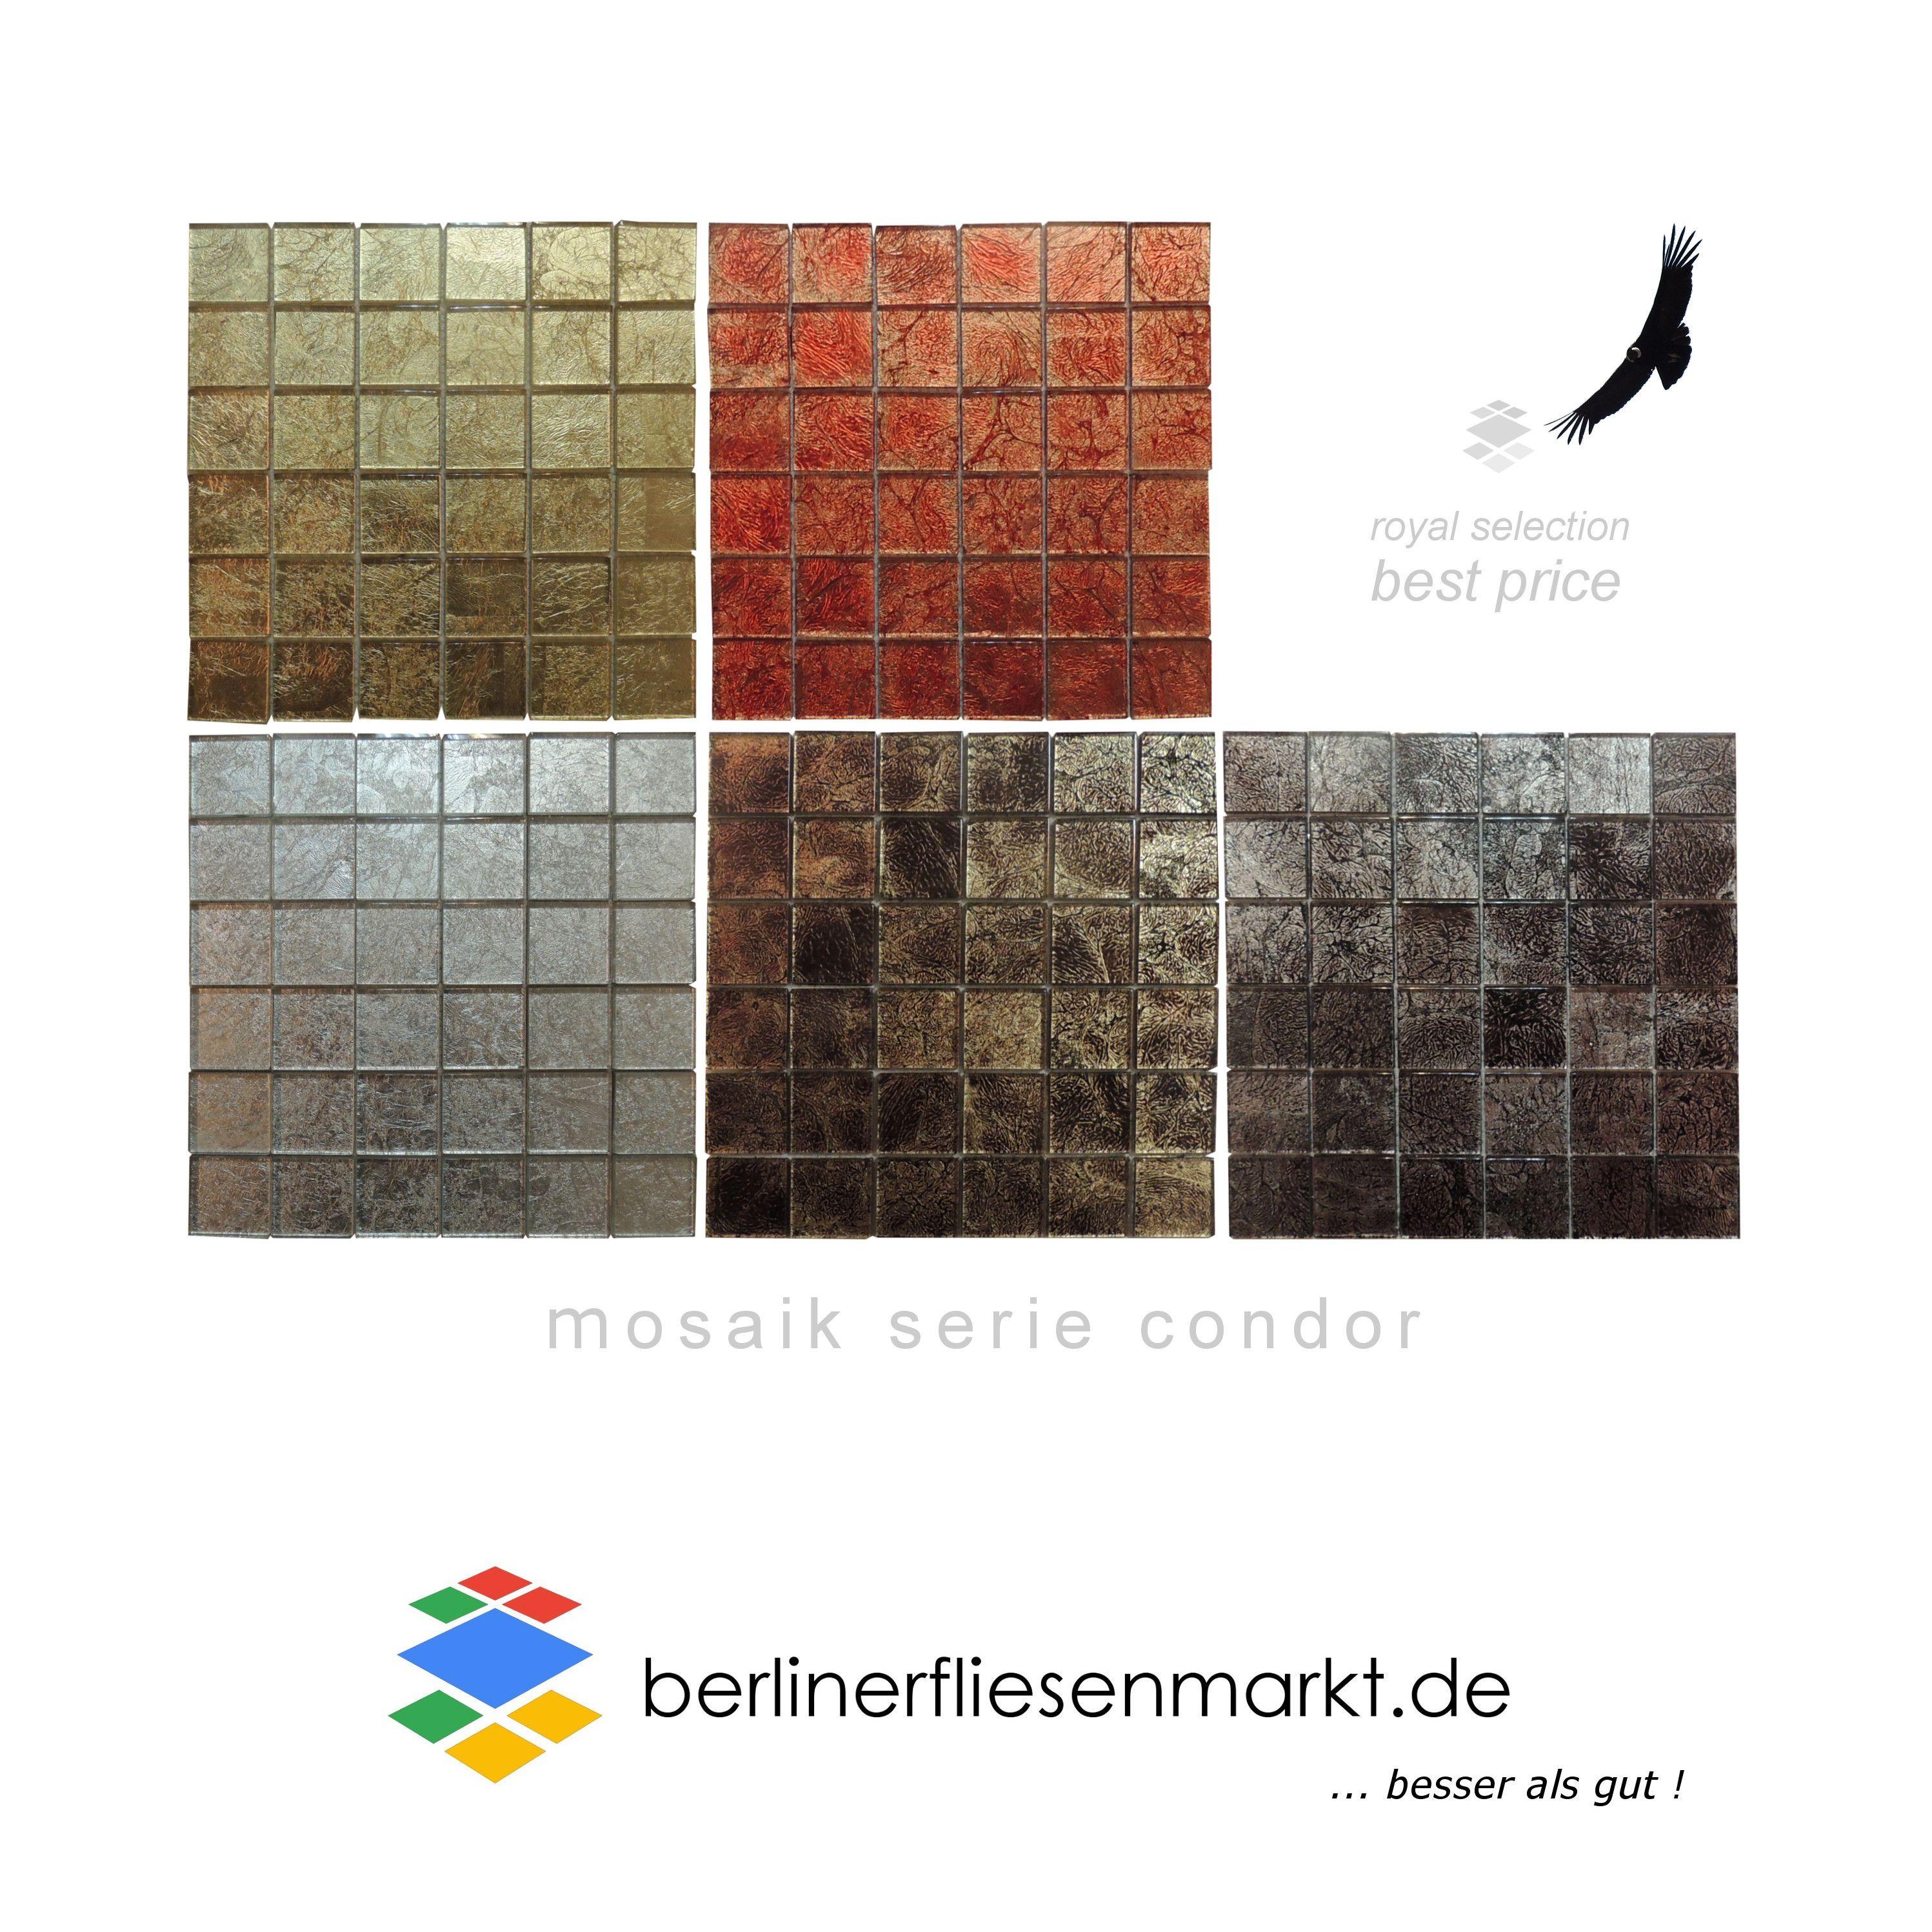 Berliner Fliesenmarkt beautiful berliner shops pictures kosherelsalvador com